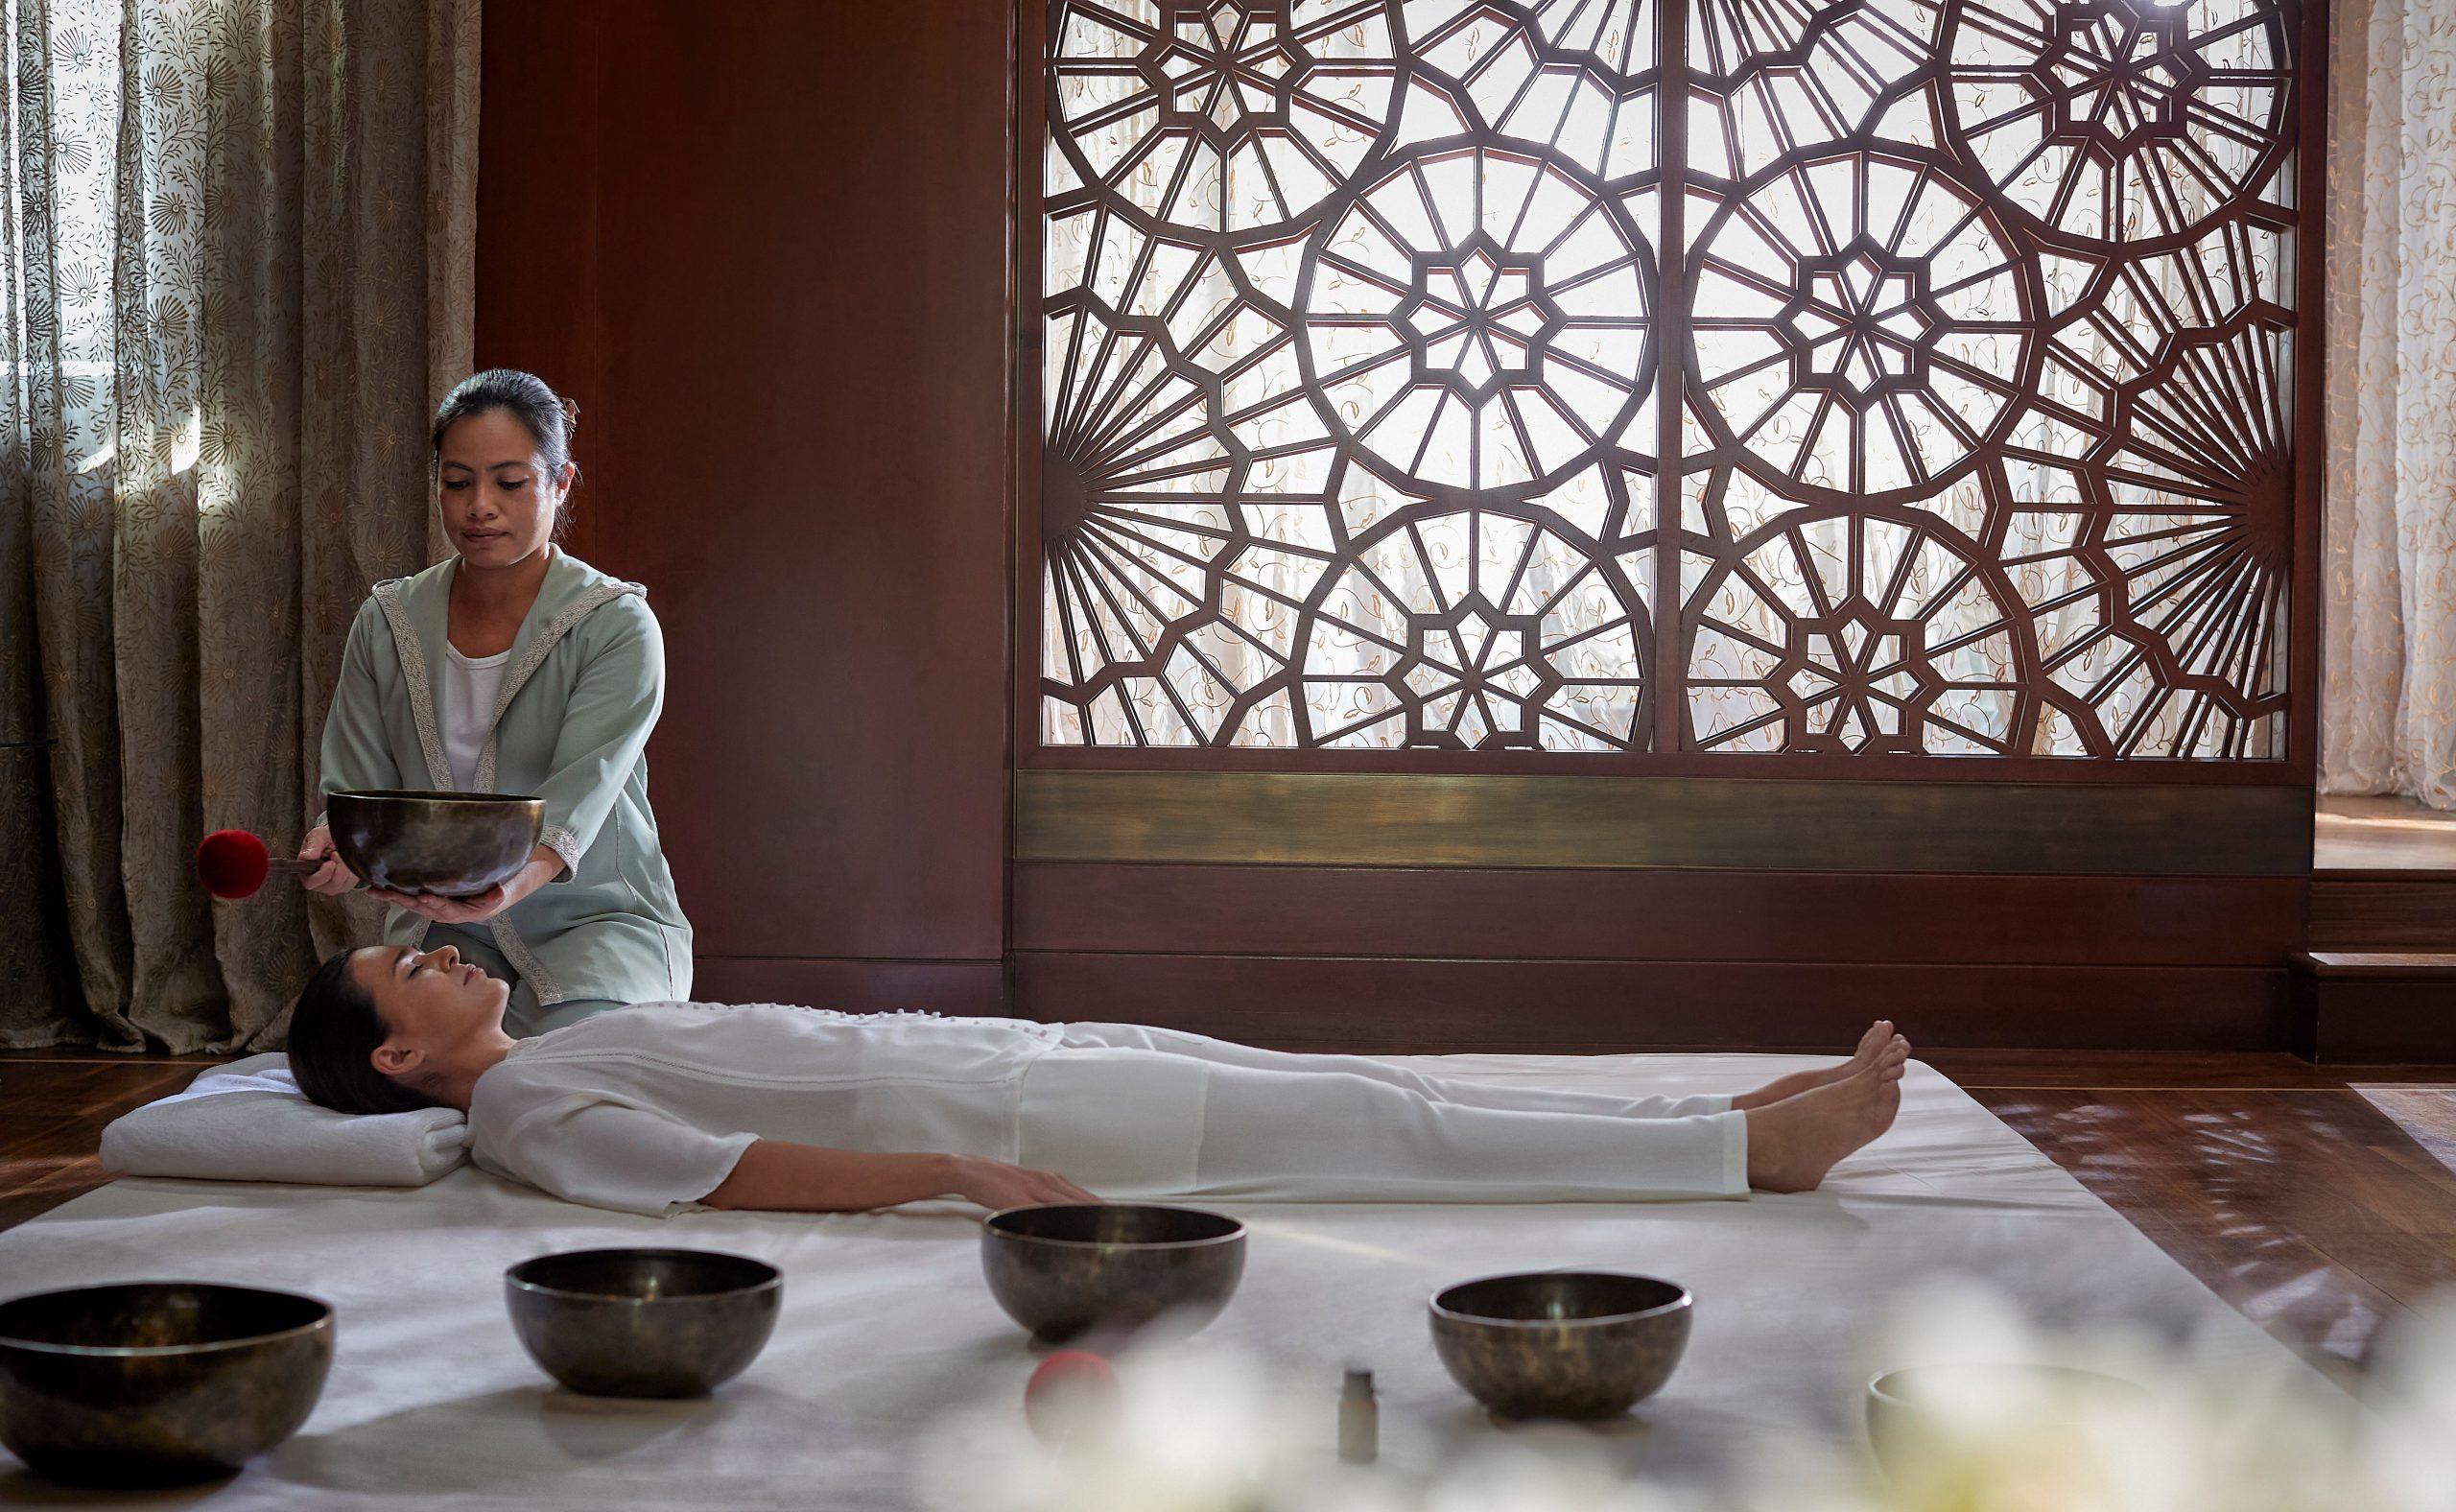 7aVtendencias de wellness nos hotéis pelo mundozDOVA